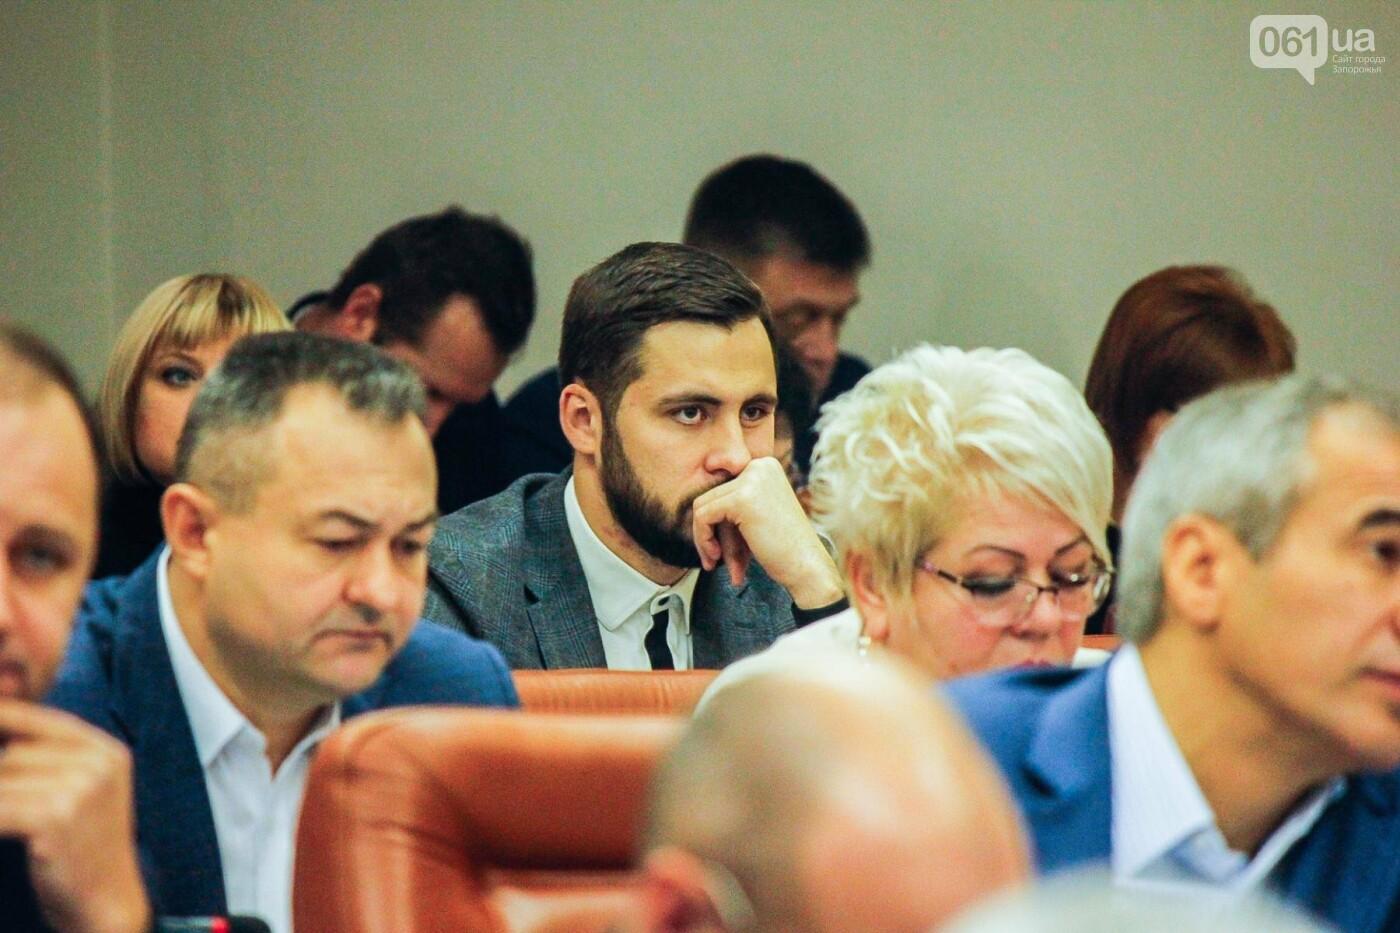 Сессия запорожского горсовета в лицах, - ФОТОРЕПОРТАЖ, фото-38